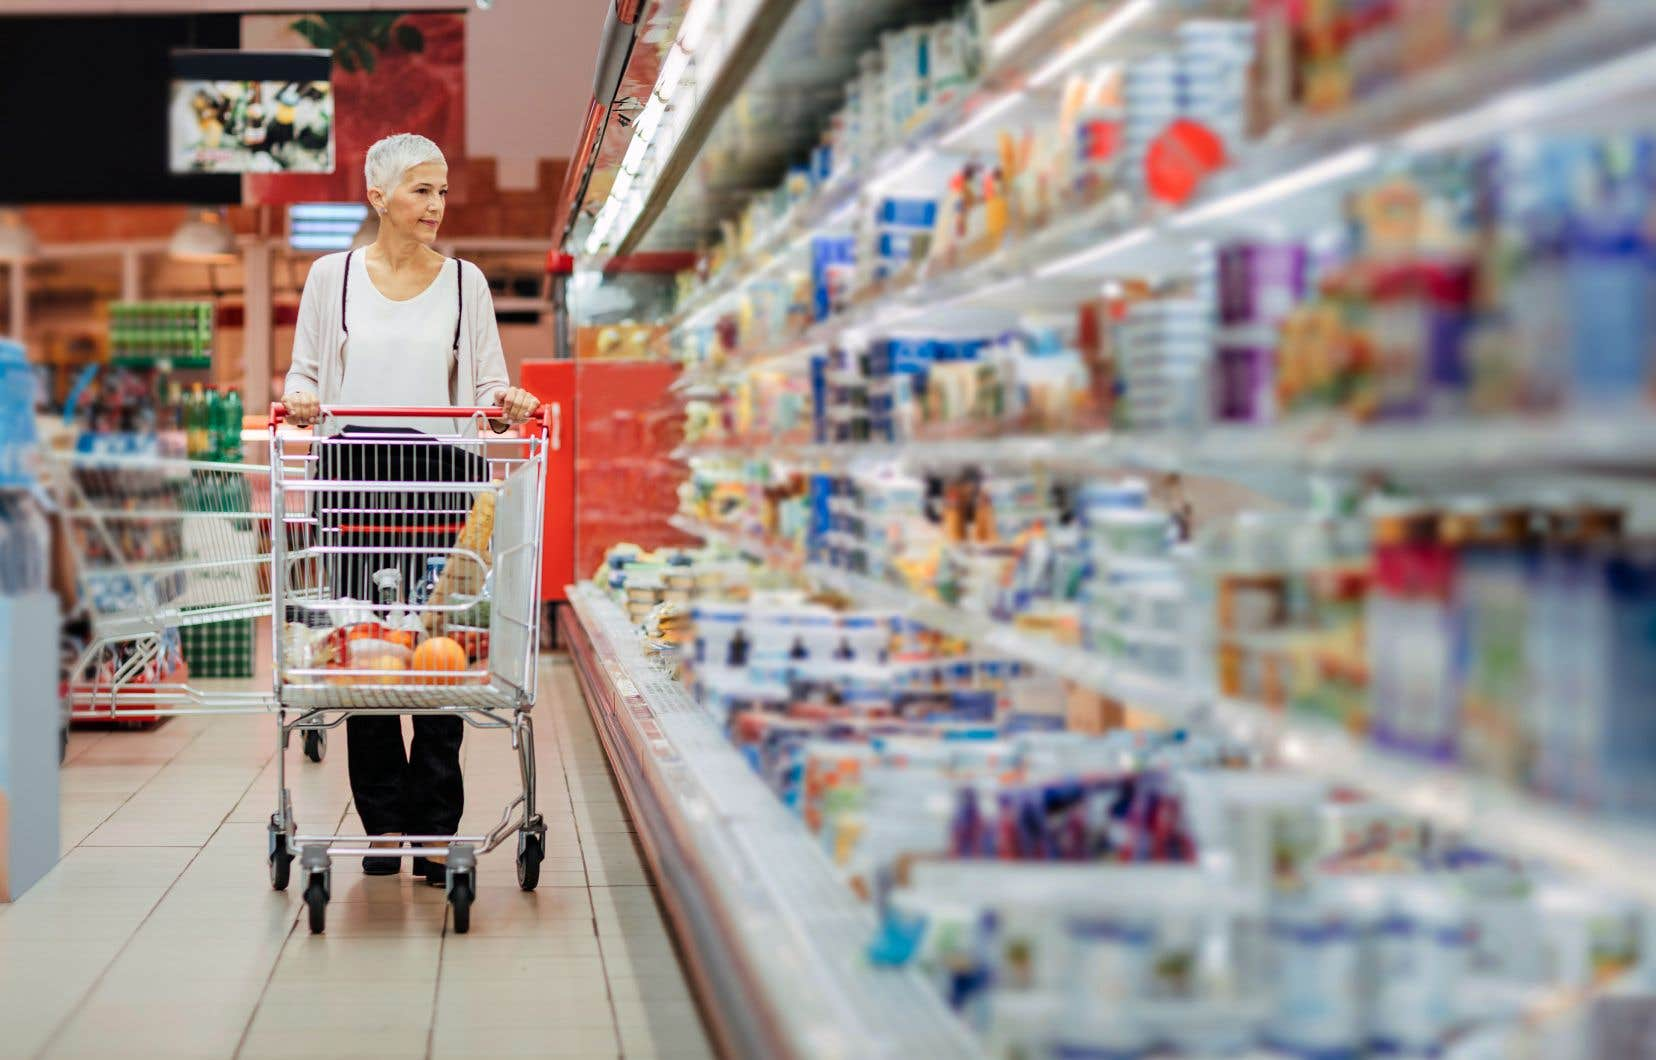 Chaque épicerie a récolté en moyenne 157$ de plus par année, selon Christina Cheng.